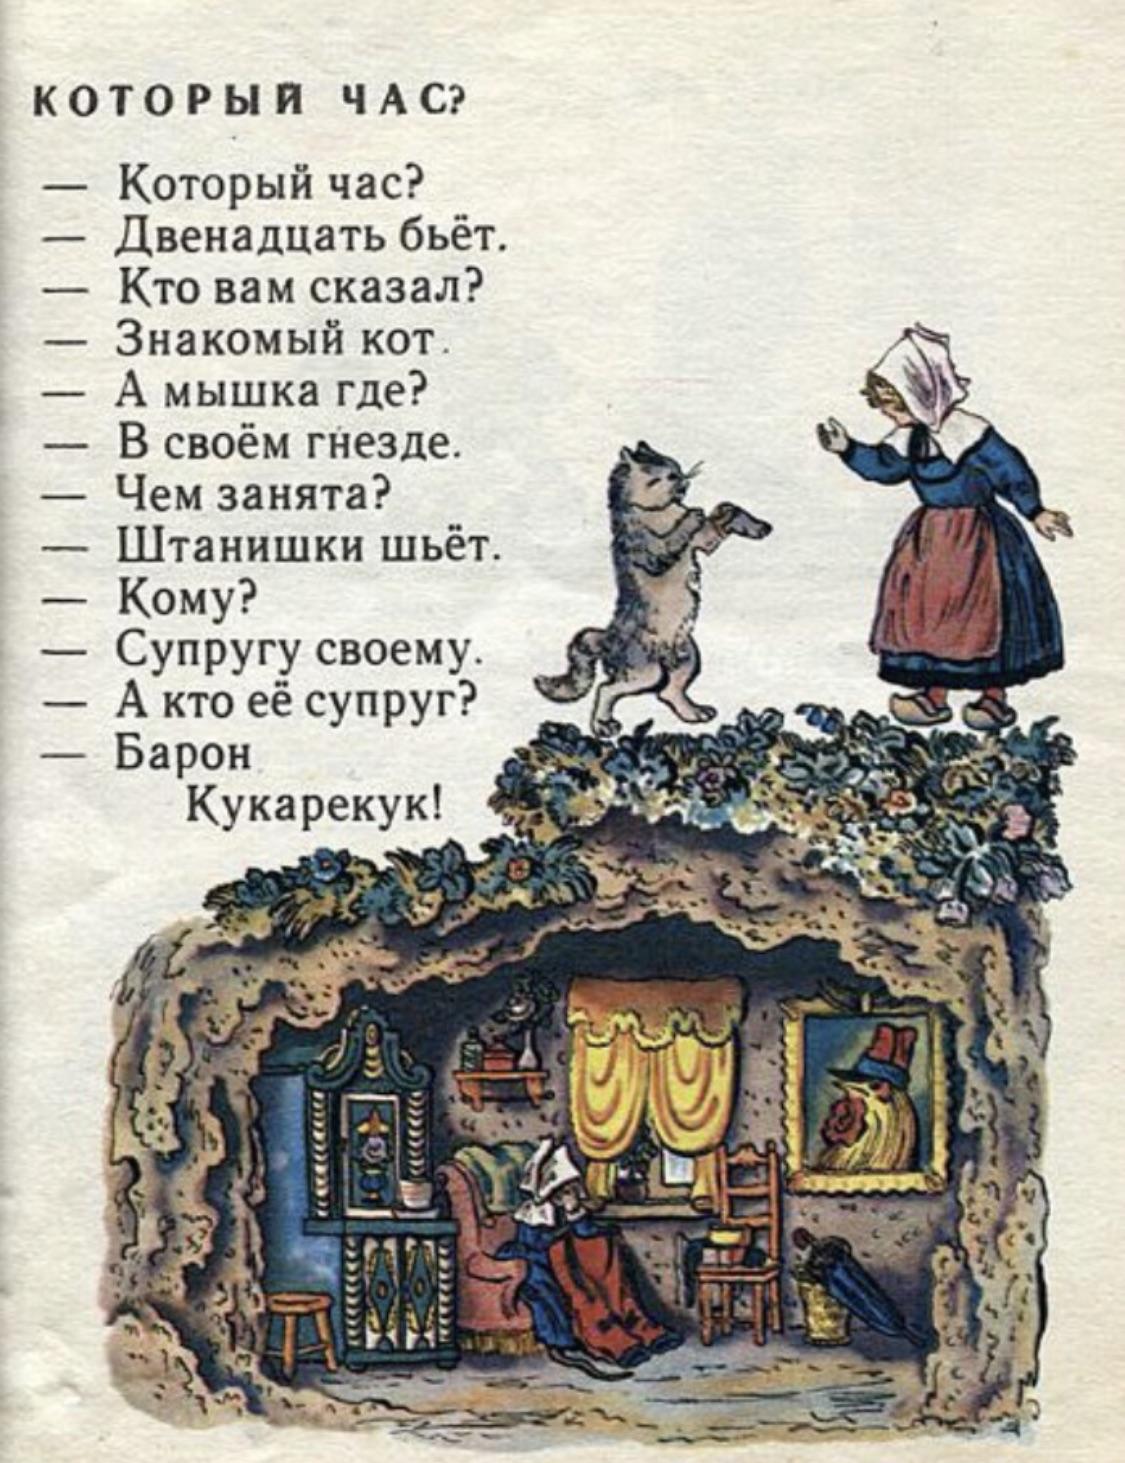 Художник Владимир Конашевич